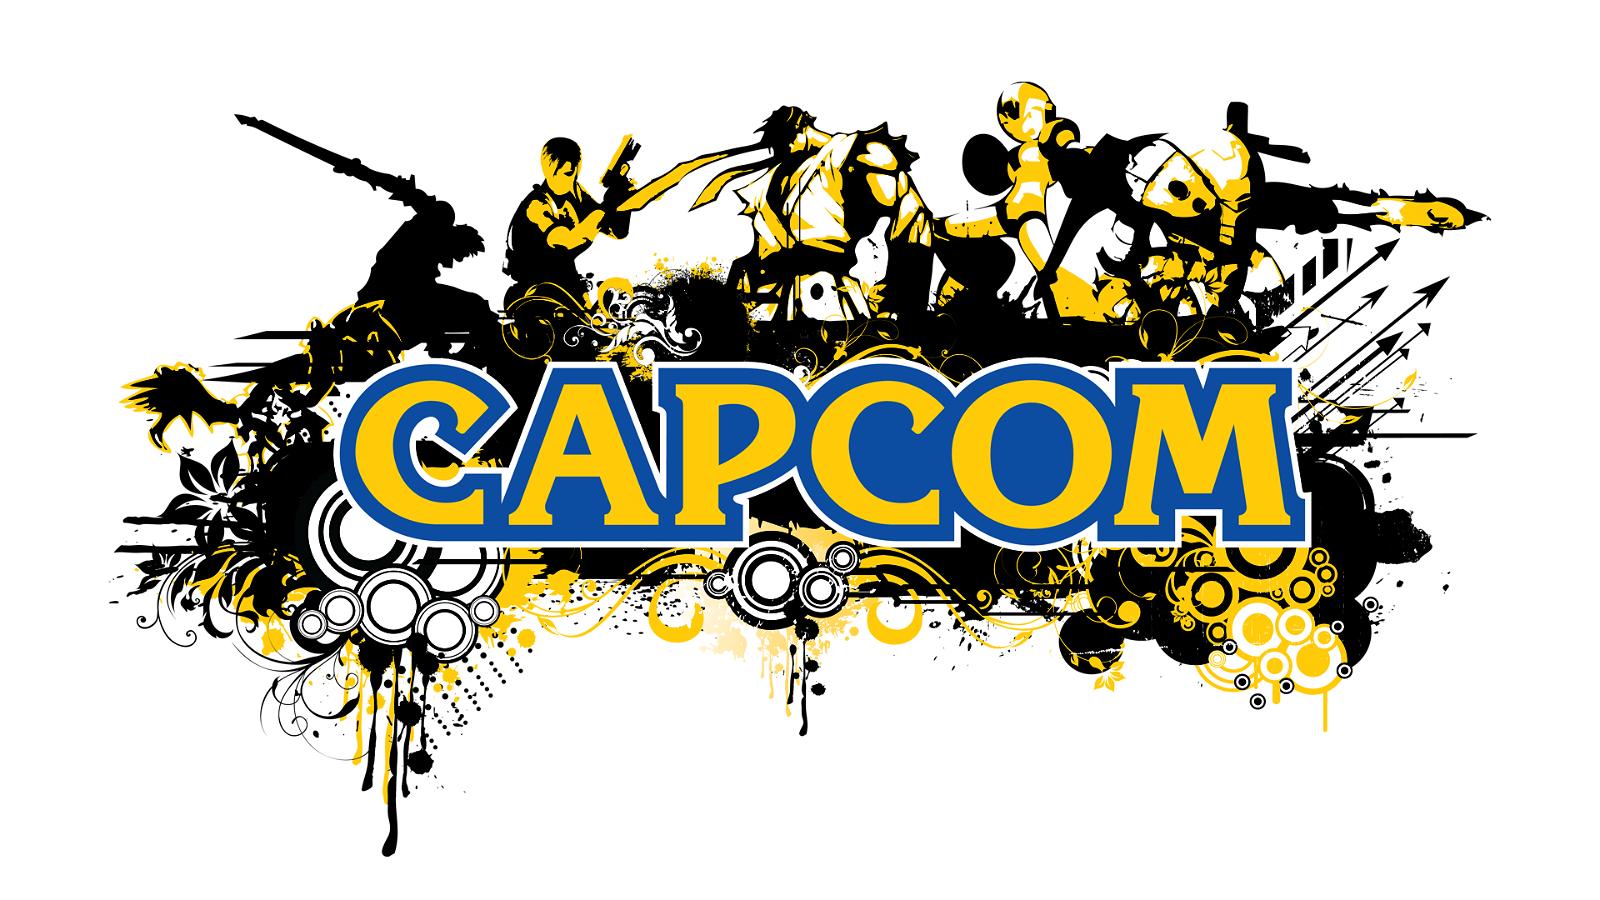 Capcom contempla un importante lanzamiento dentro de los próximos 12 meses